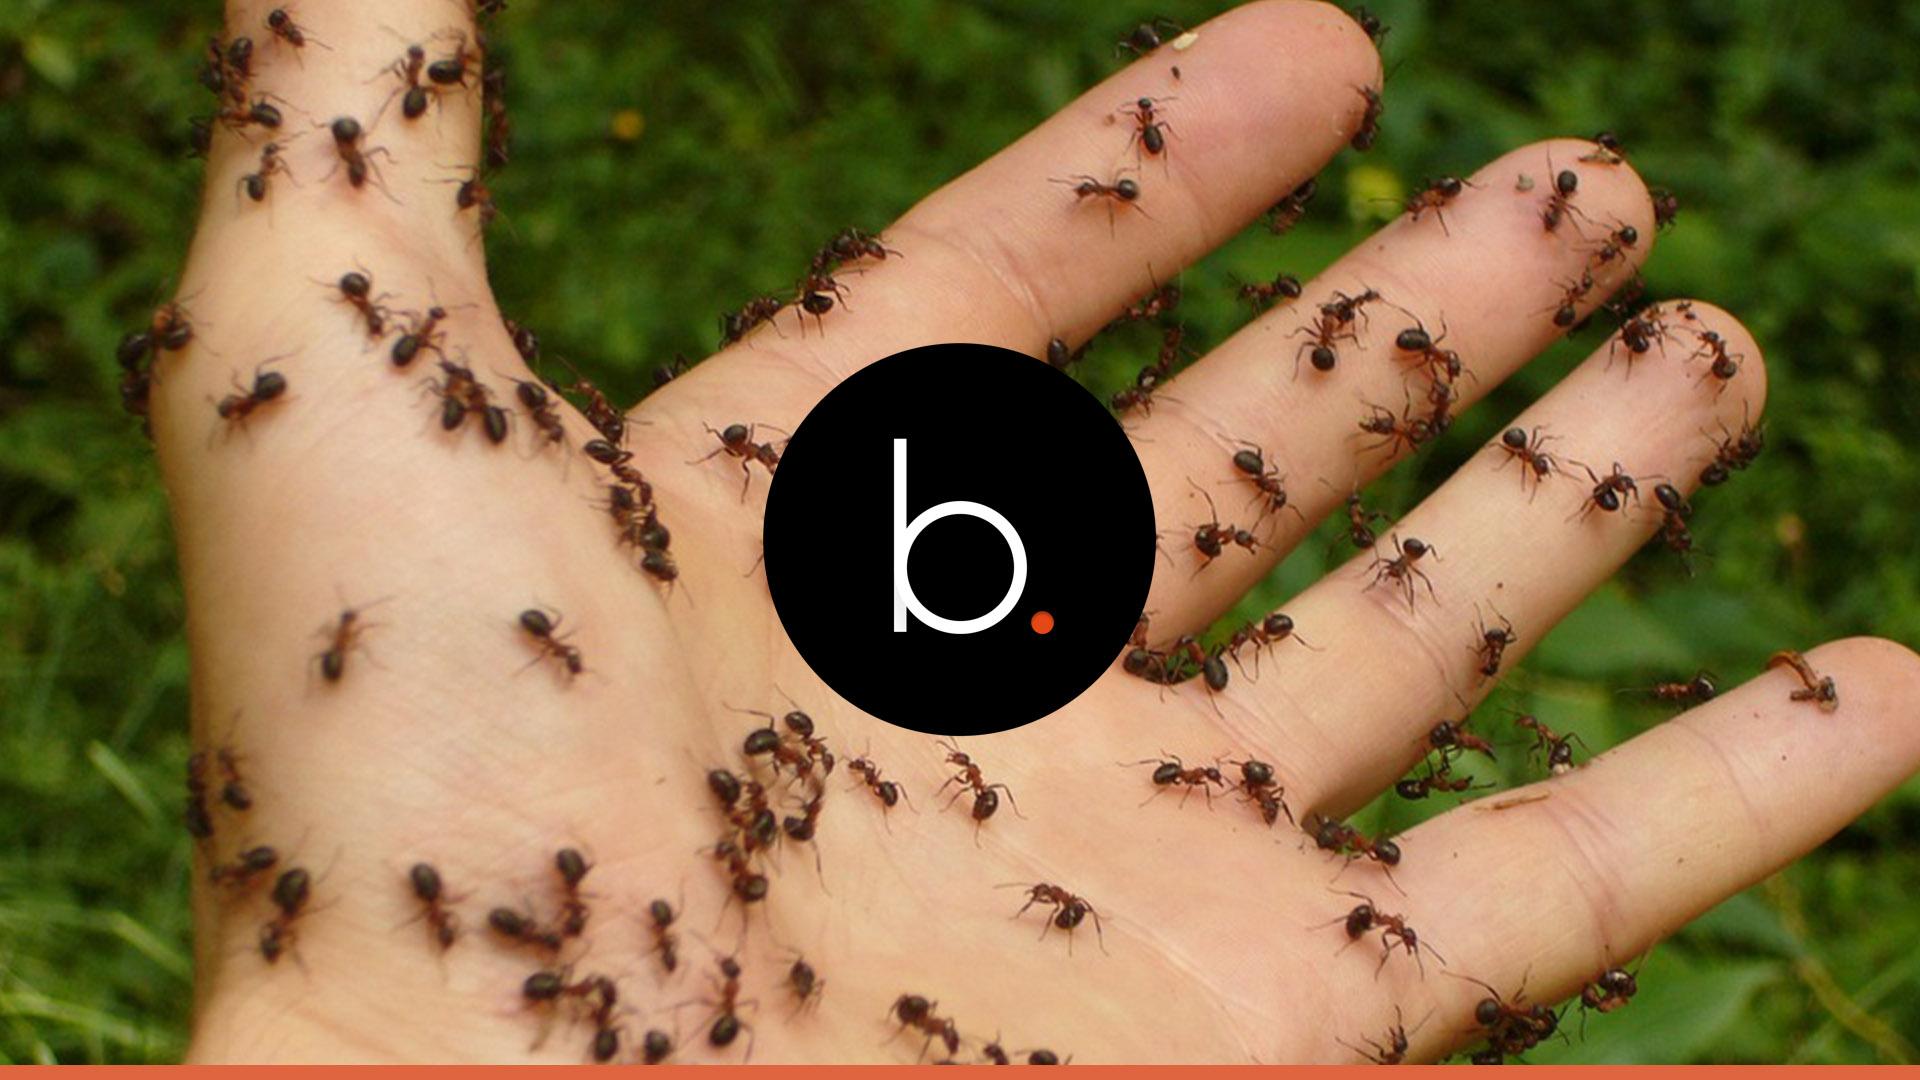 Assista: Bebê é encontrado no lixo com hematomas e cheio de formigas